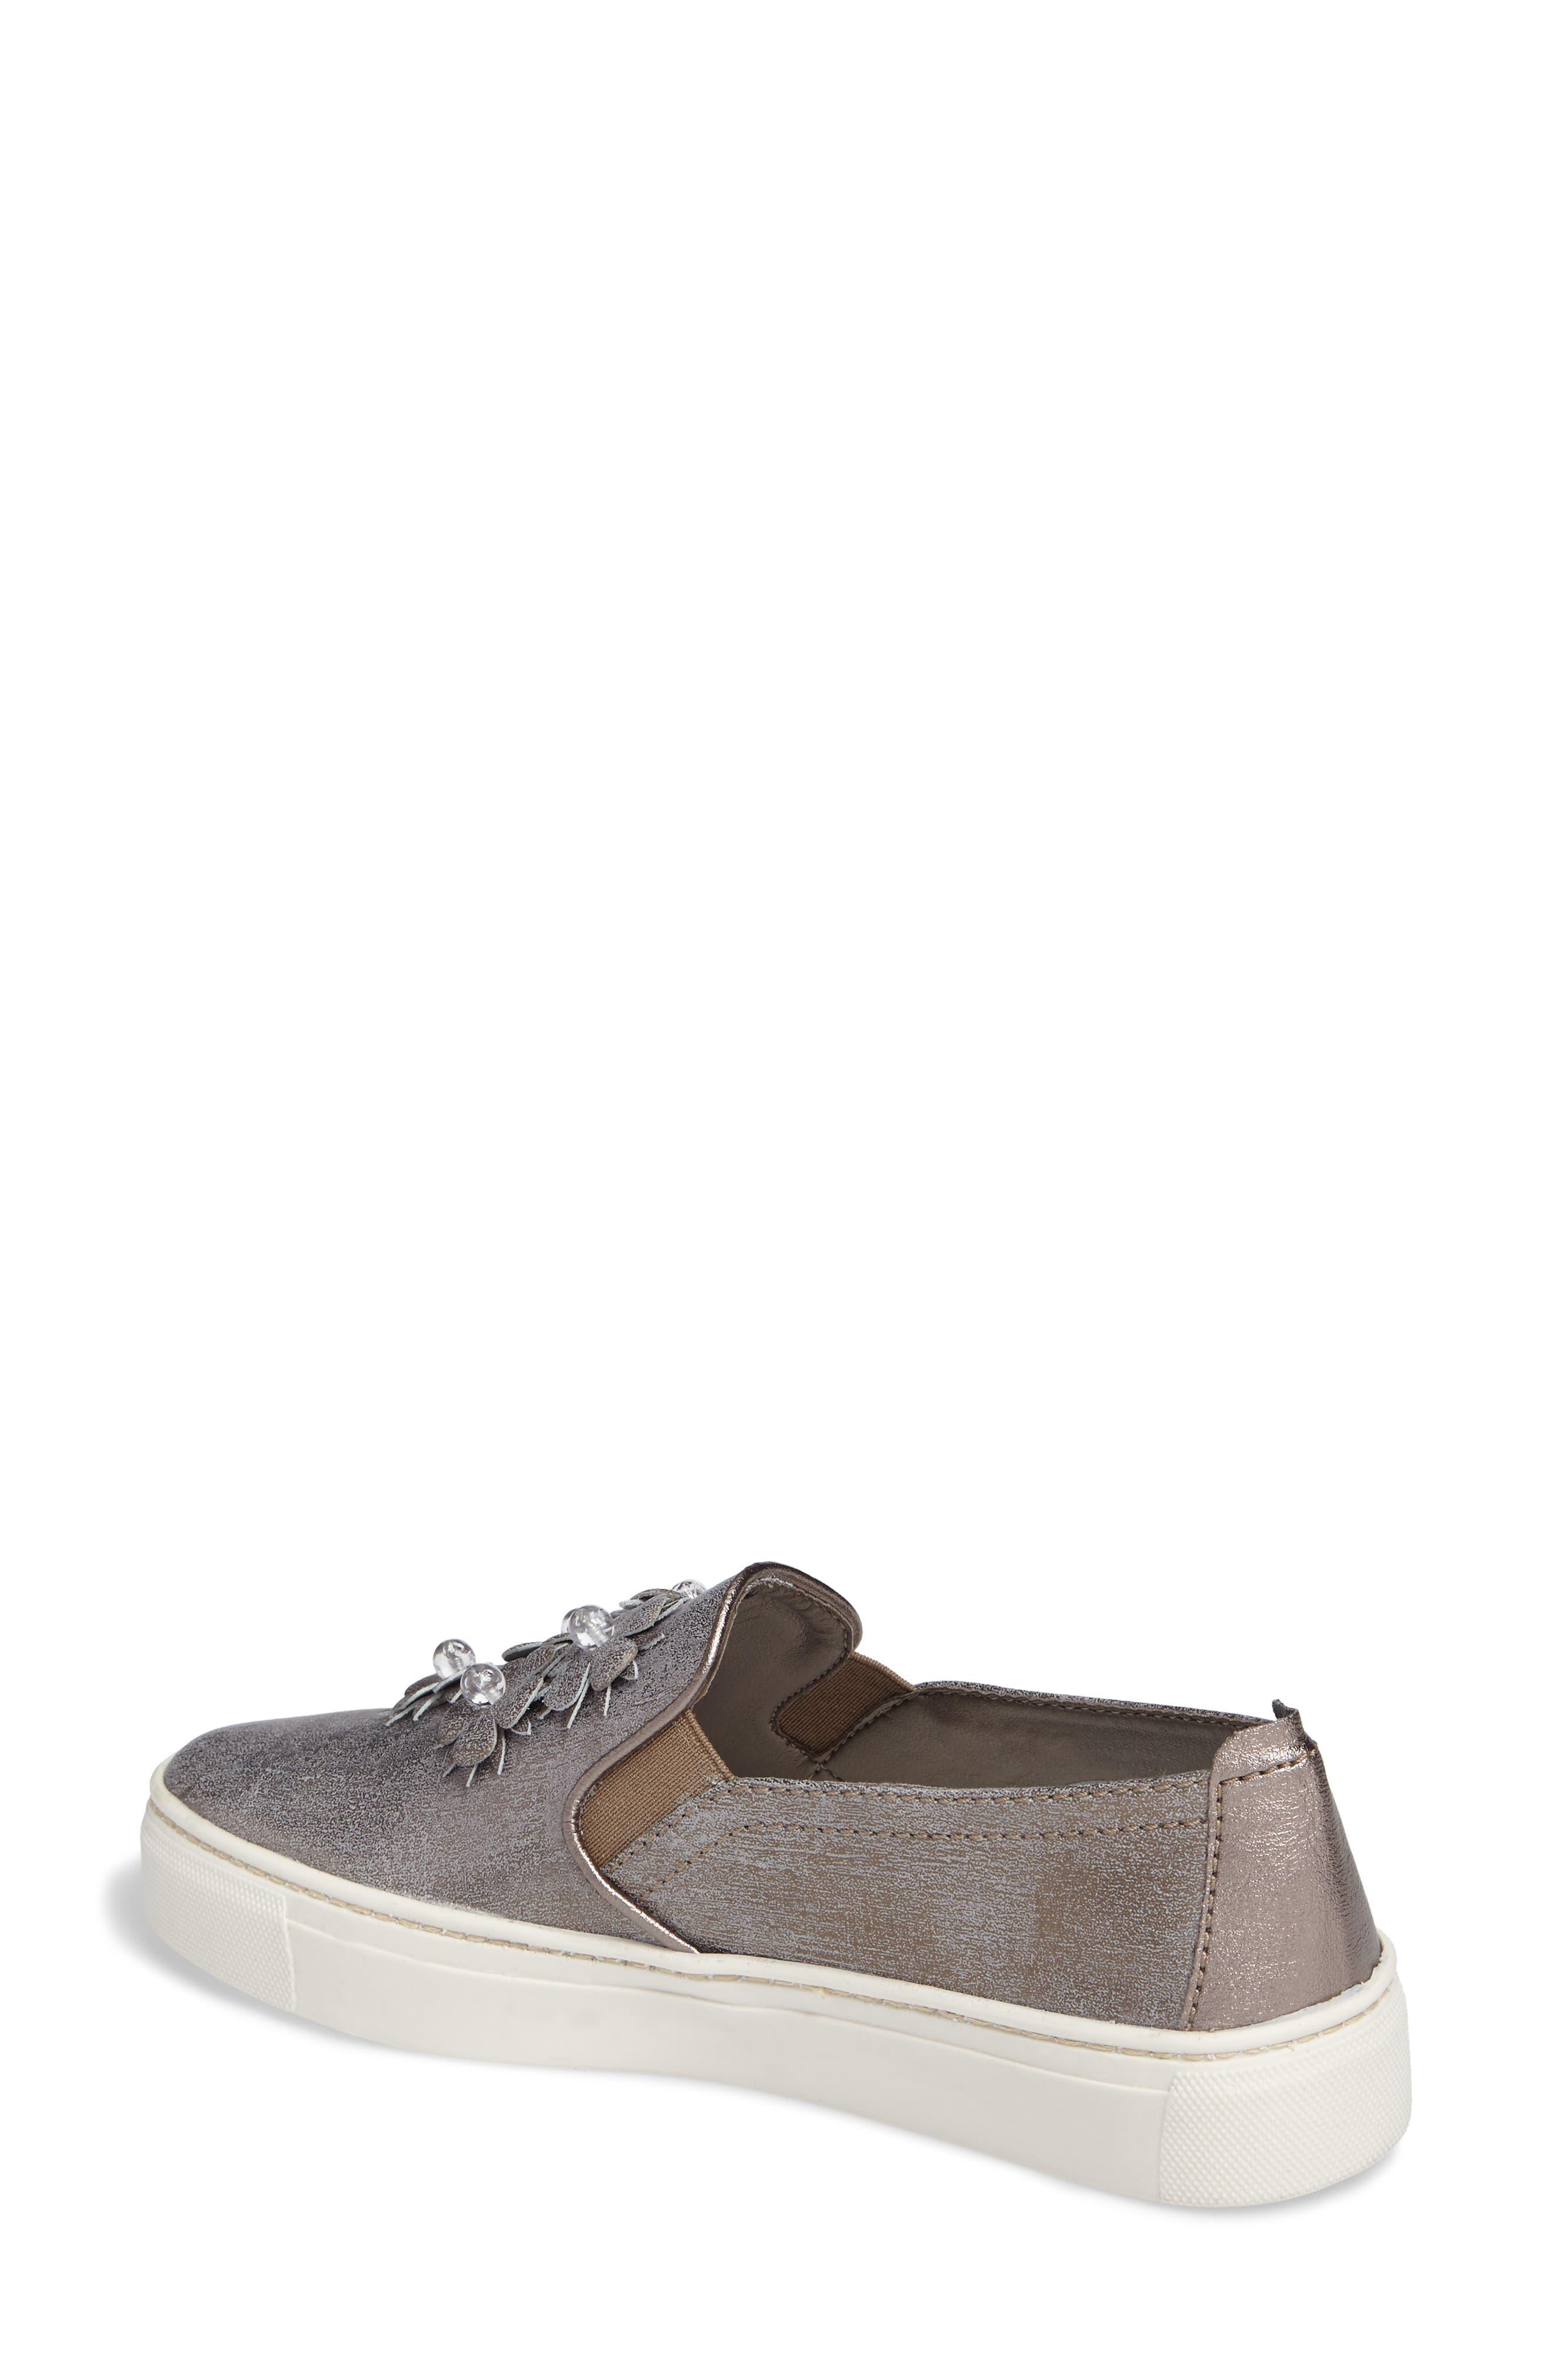 Sneak Blossom Slip-On Sneaker,                             Alternate thumbnail 2, color,                             Gunmetal